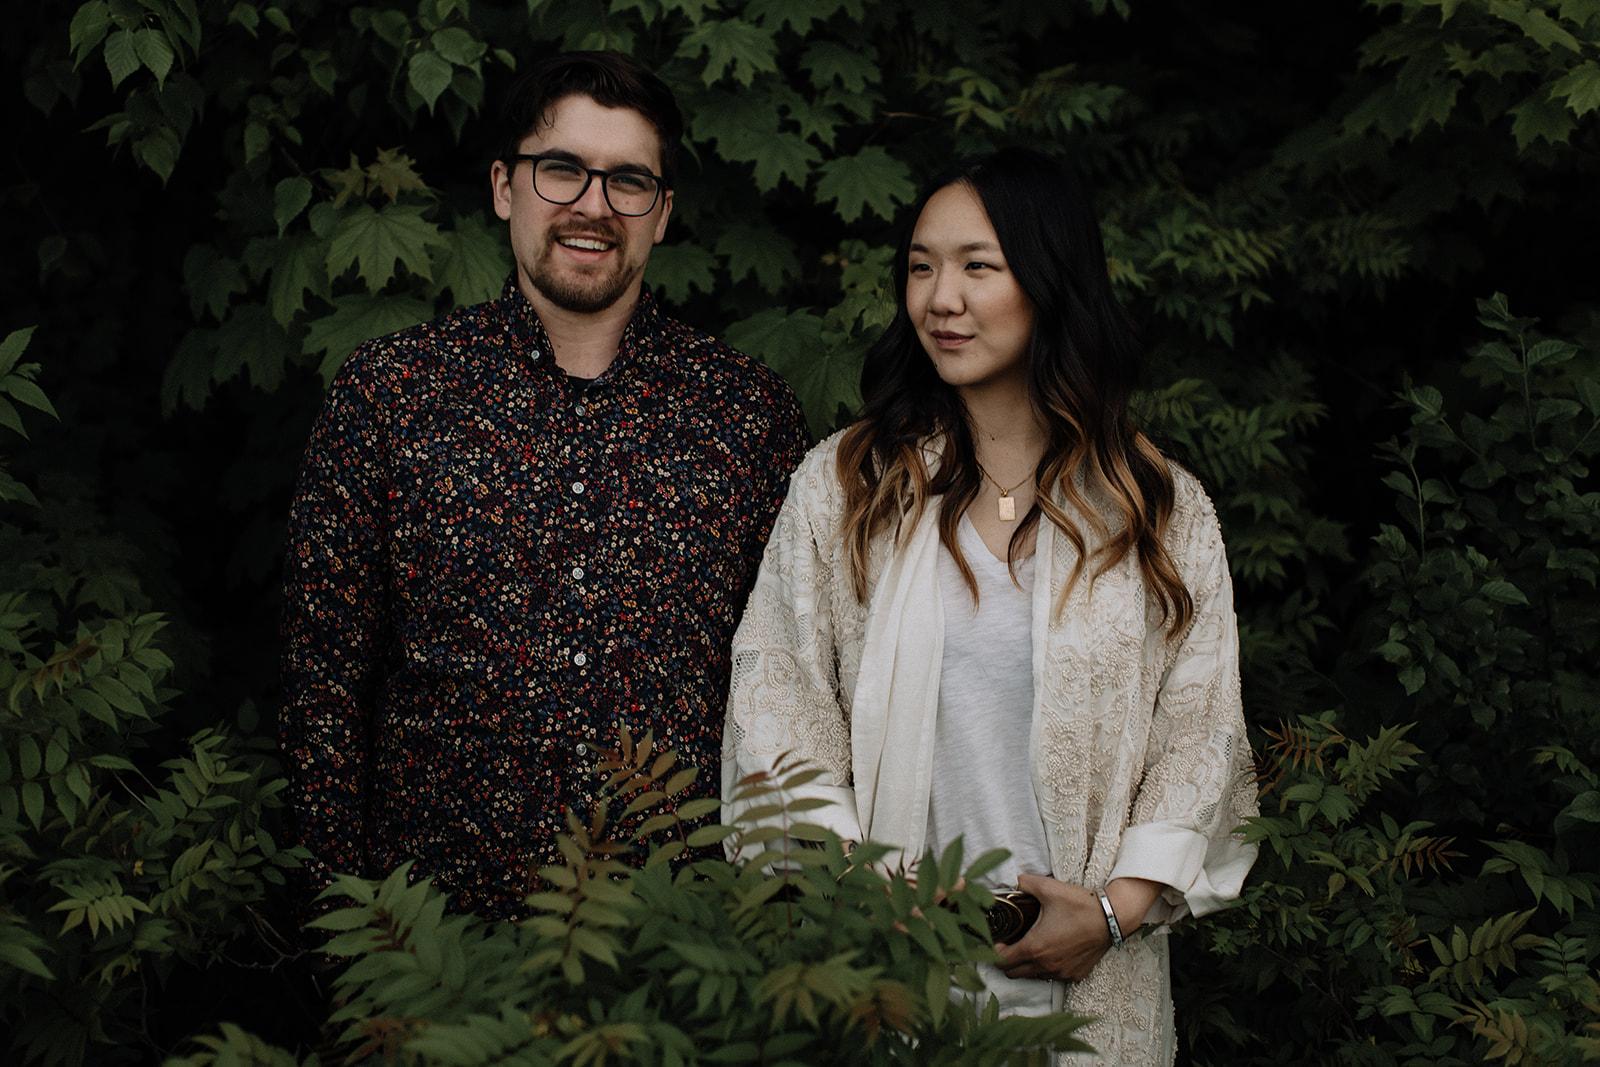 Ben Grzenia and Diana Chu    |    Photo: @mann_frau